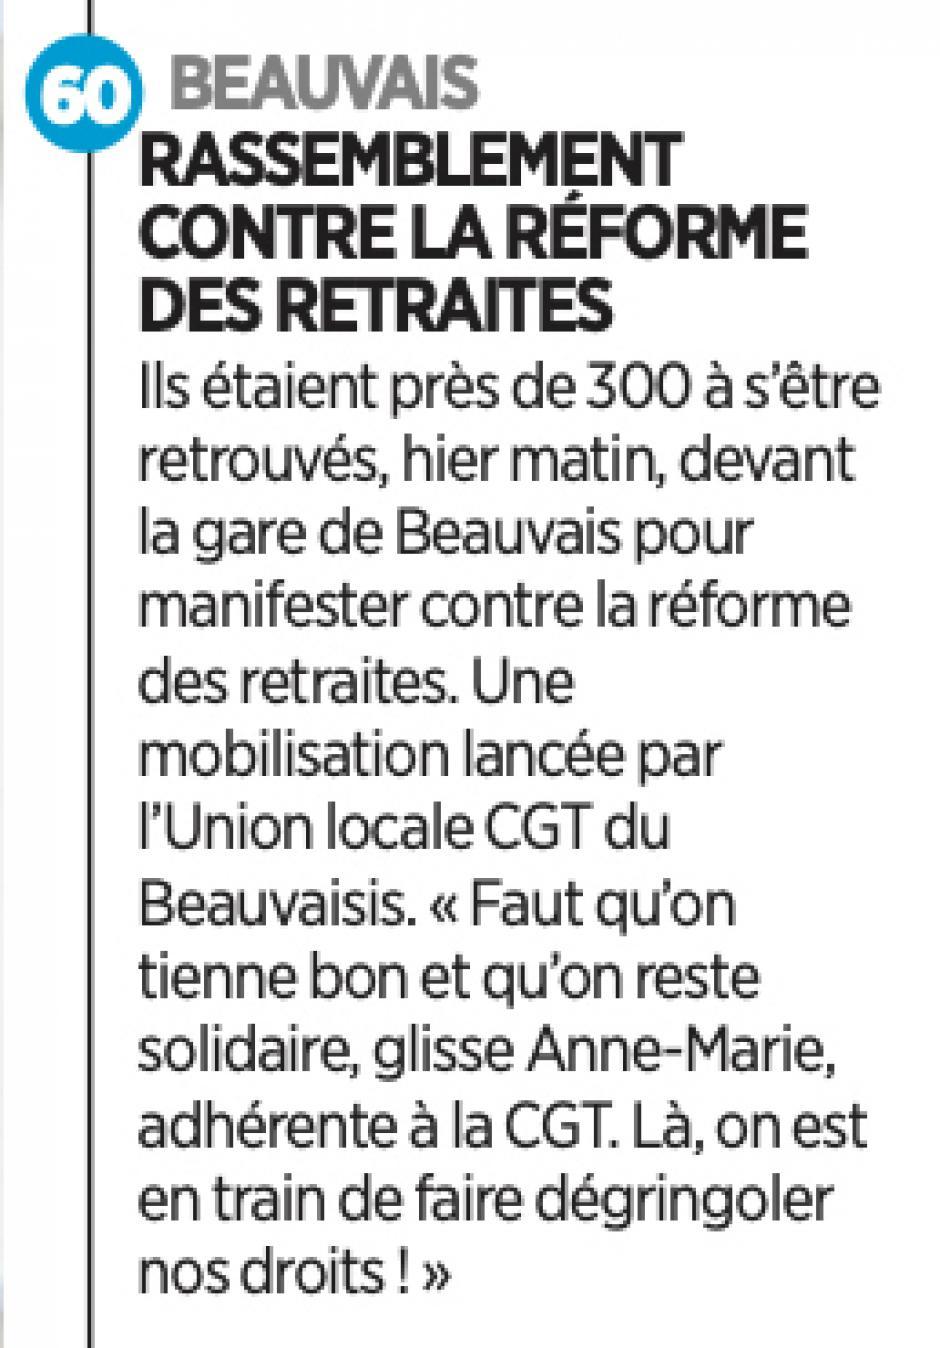 20191229-LeP-Beauvais-Rassemblement contre la réforme des retraites